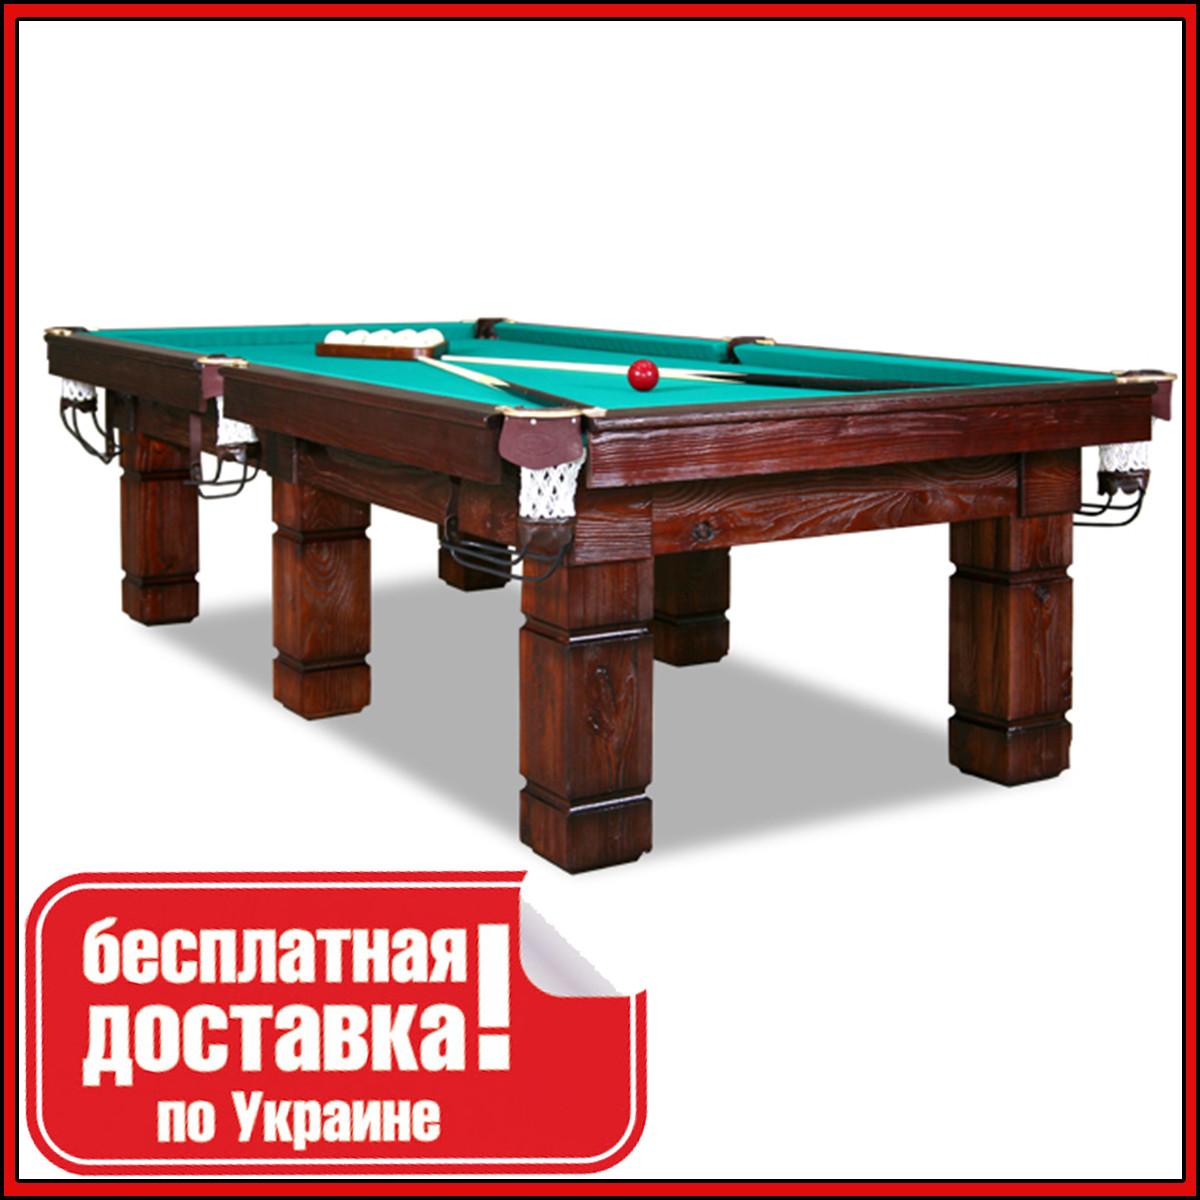 Більярдний стіл для пулу АСКОЛЬД 9 футів Ардезія 2.6 м х 1.3 м з натурального дерева